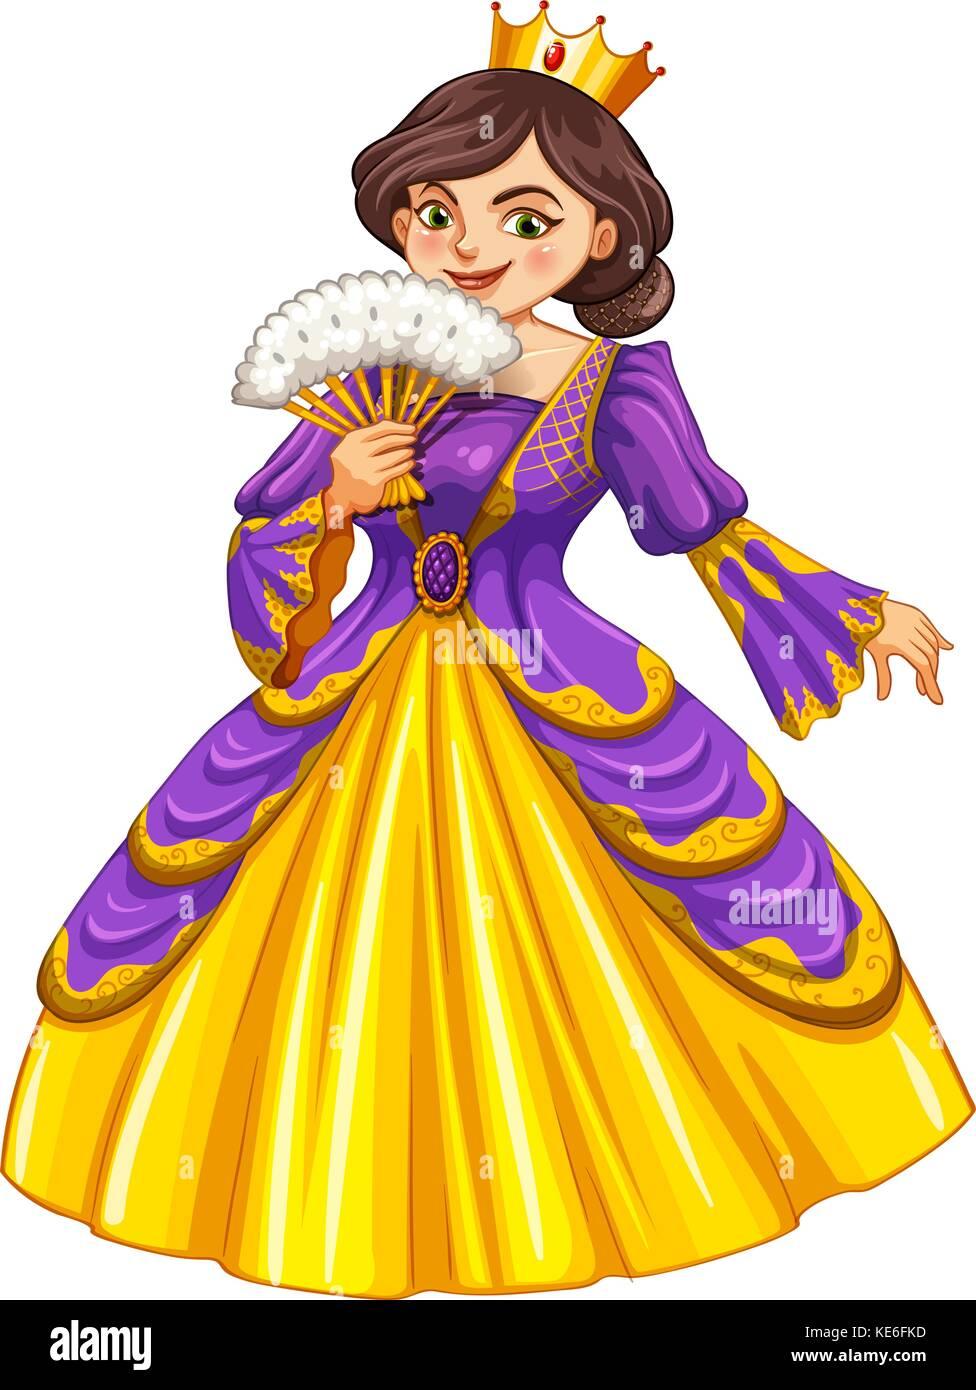 Queen wearing golden crown illustration - Stock Vector